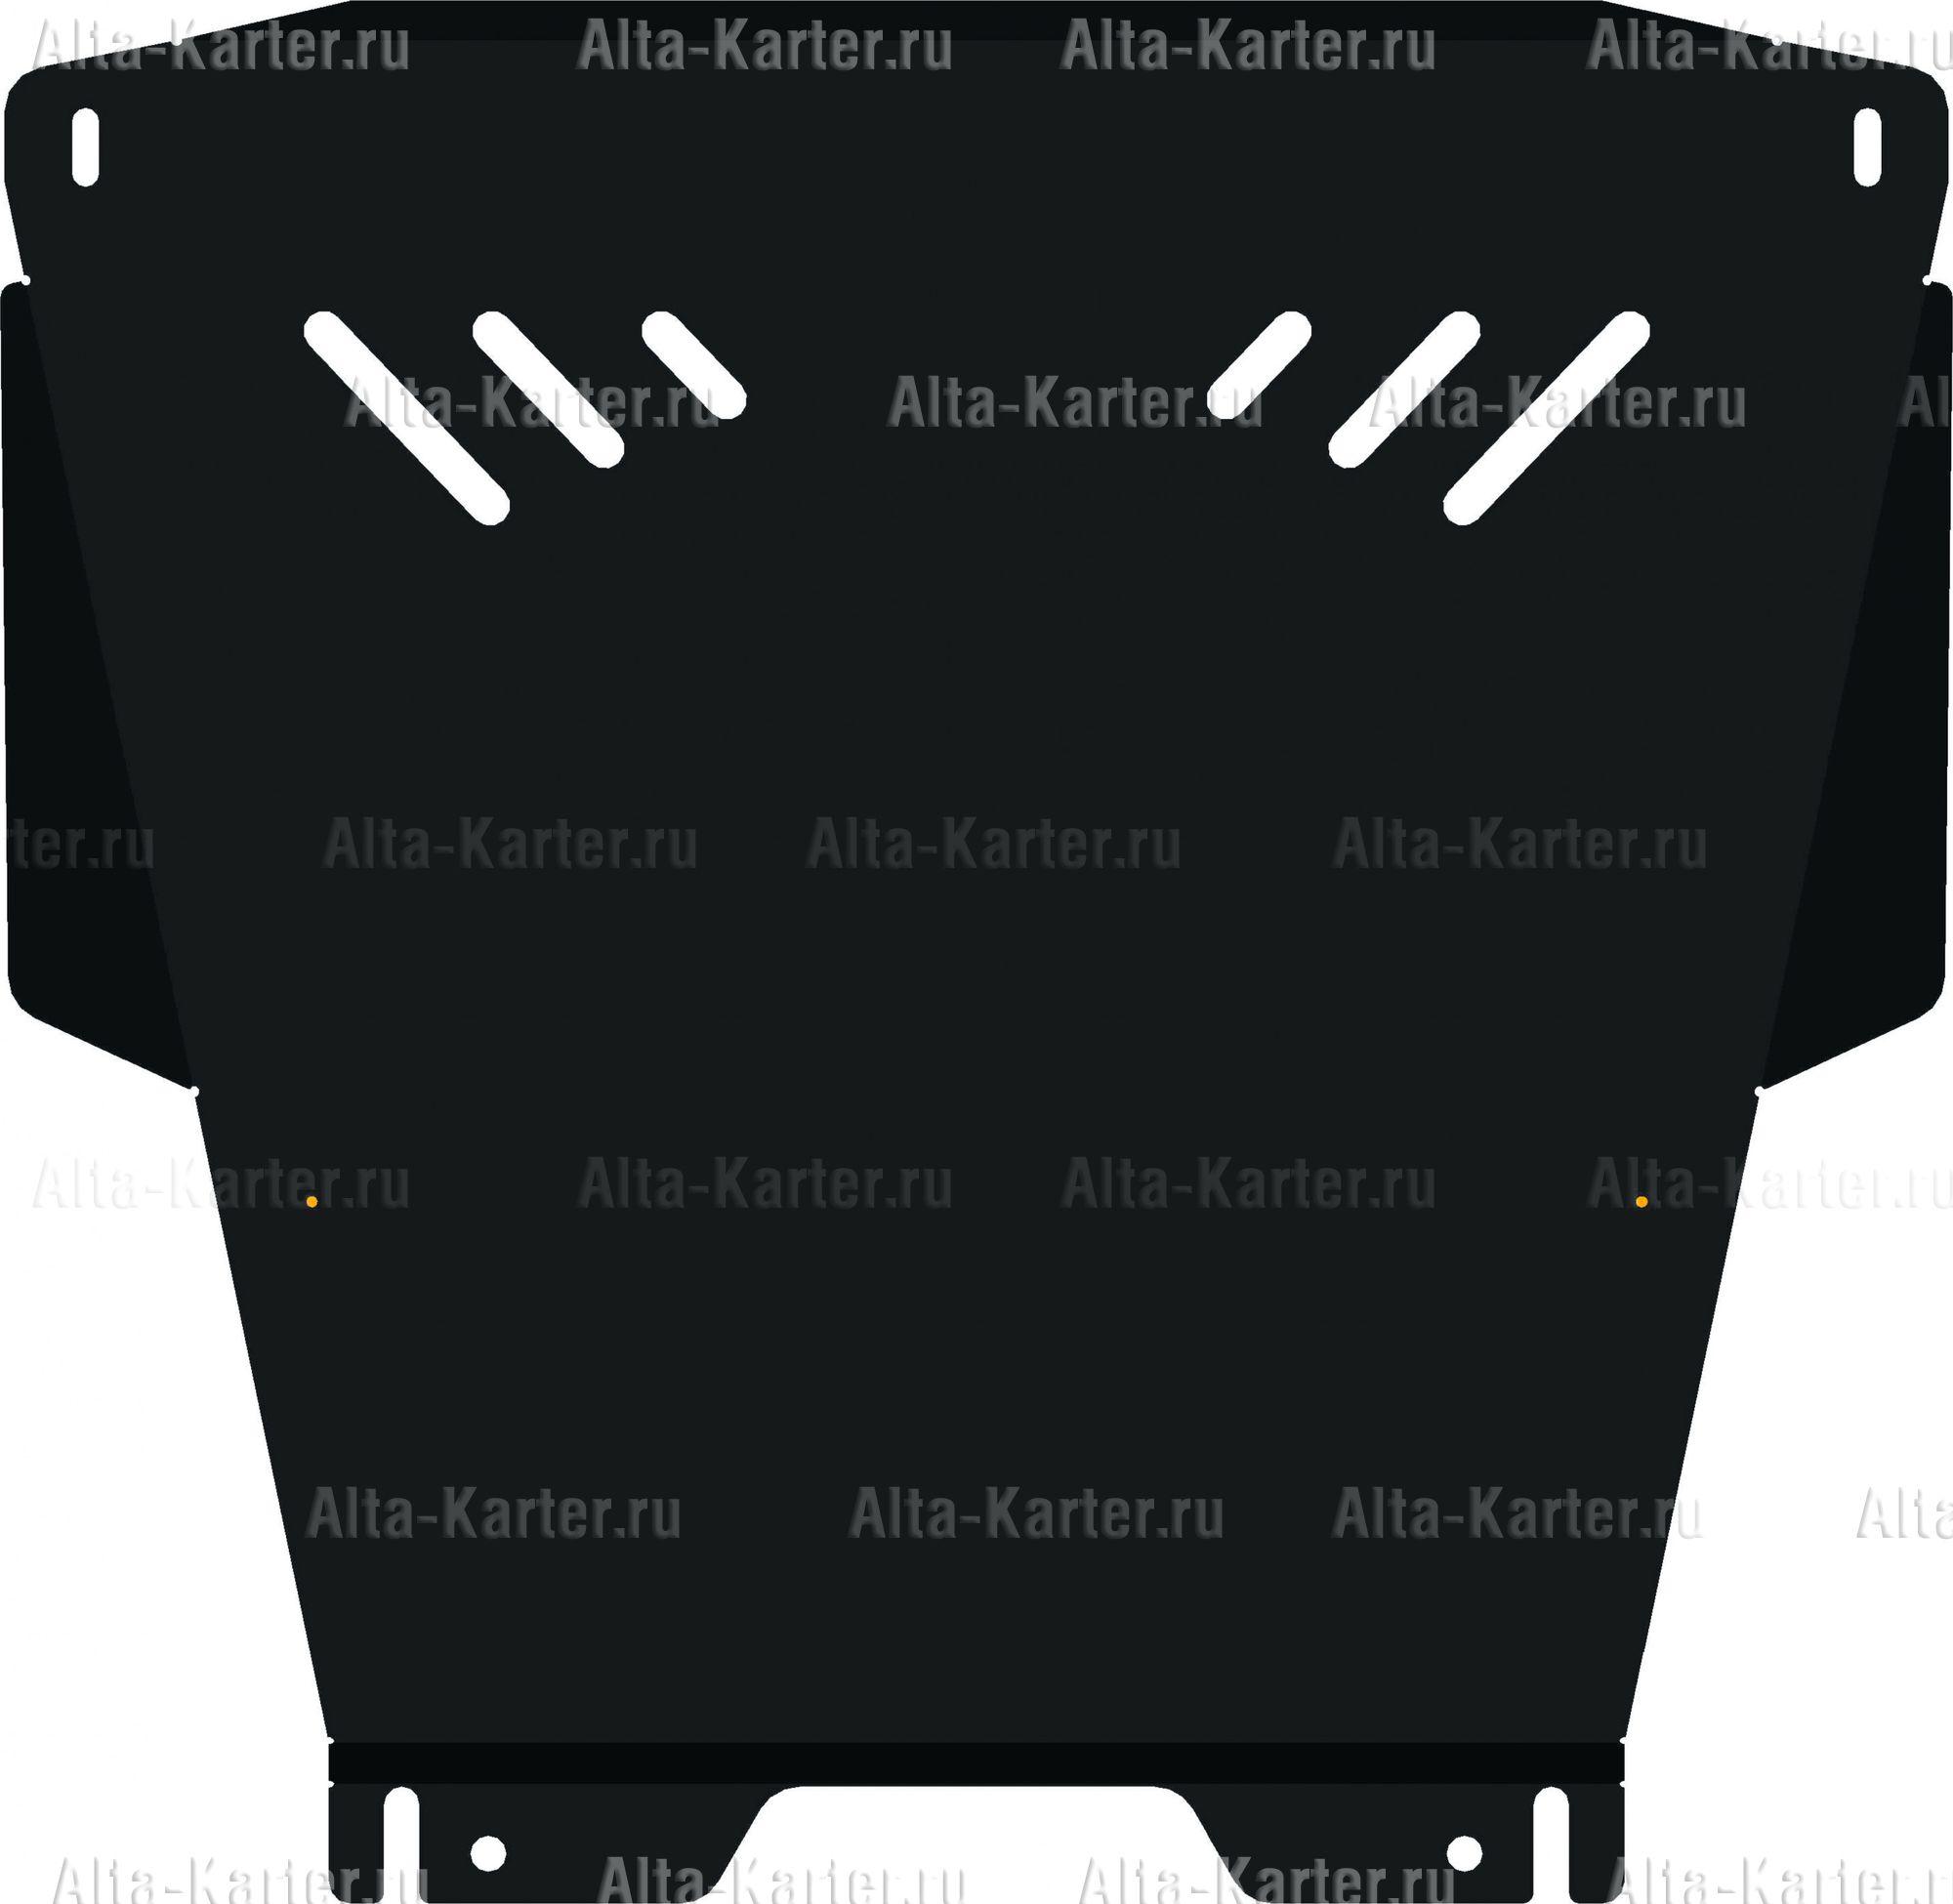 Защита Alfeco для картера и КПП Toyota Raum II 2003-2011. Артикул ALF.24.87